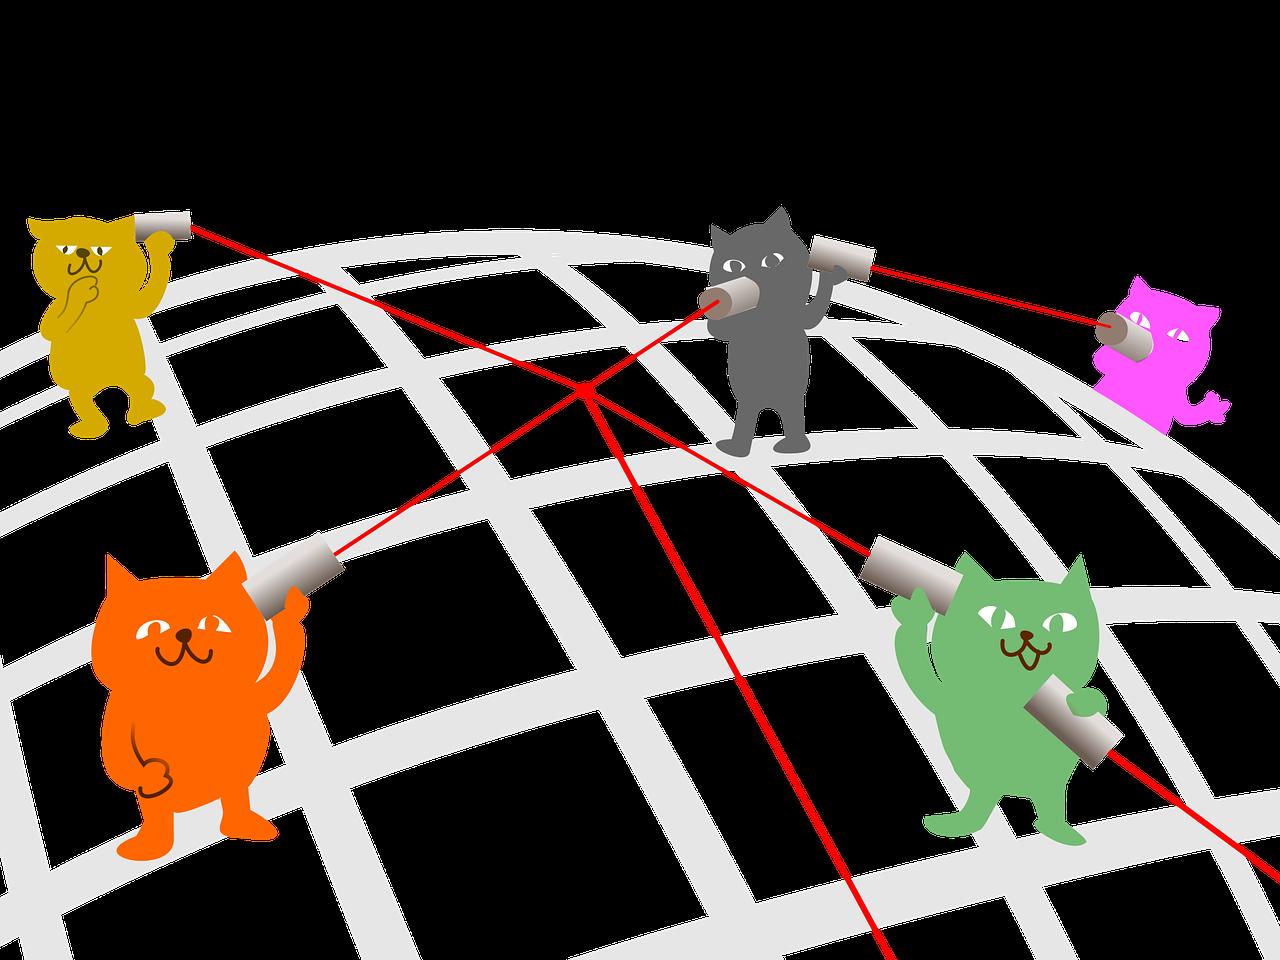 שיווק מפה לאוזן – טיפים חשובים